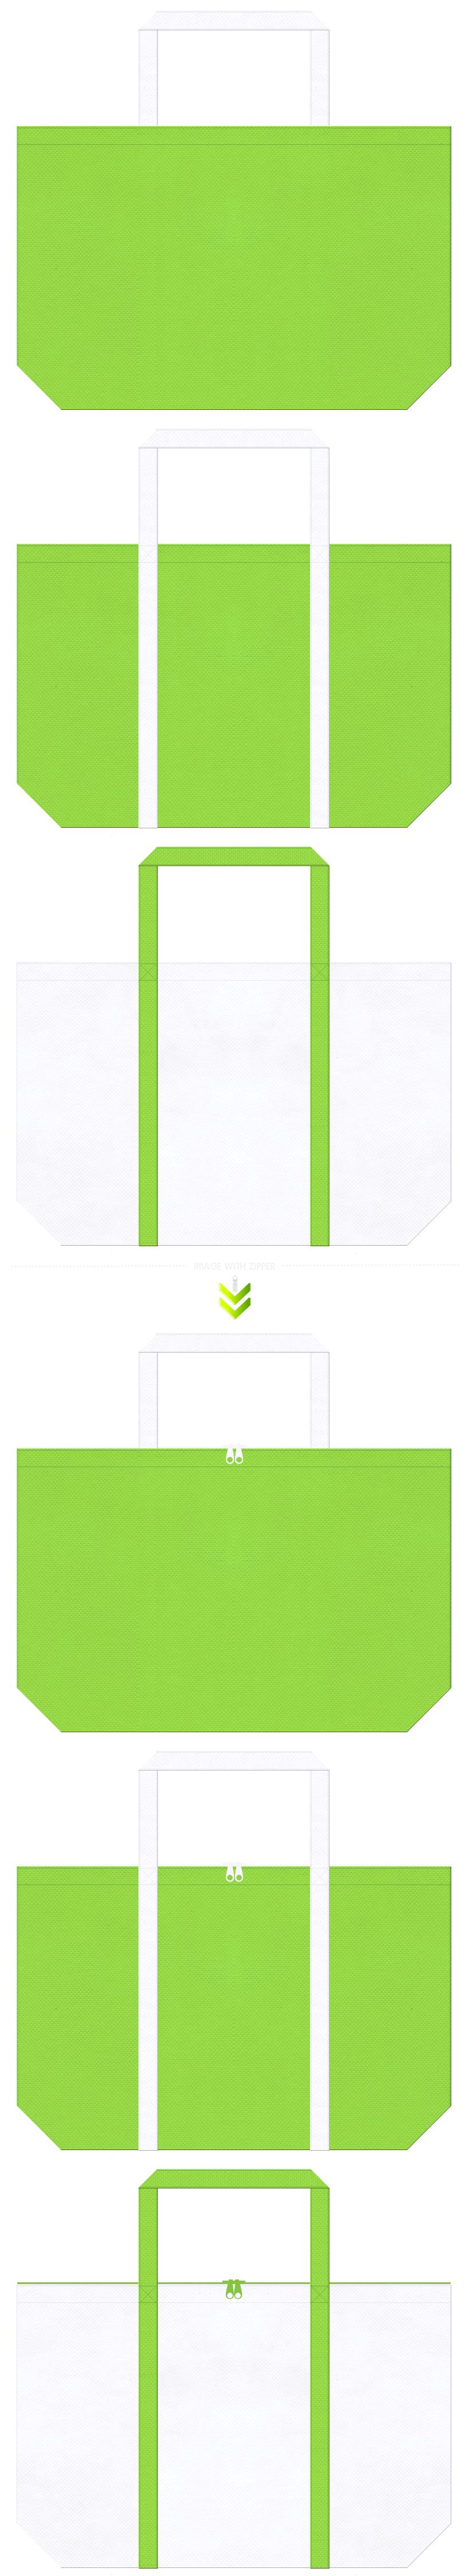 黄緑色と白色の不織布エコバッグのデザイン。テニスコート・グランド風の配色で、スポーツイベントのノベルティにお奨めの配色です。